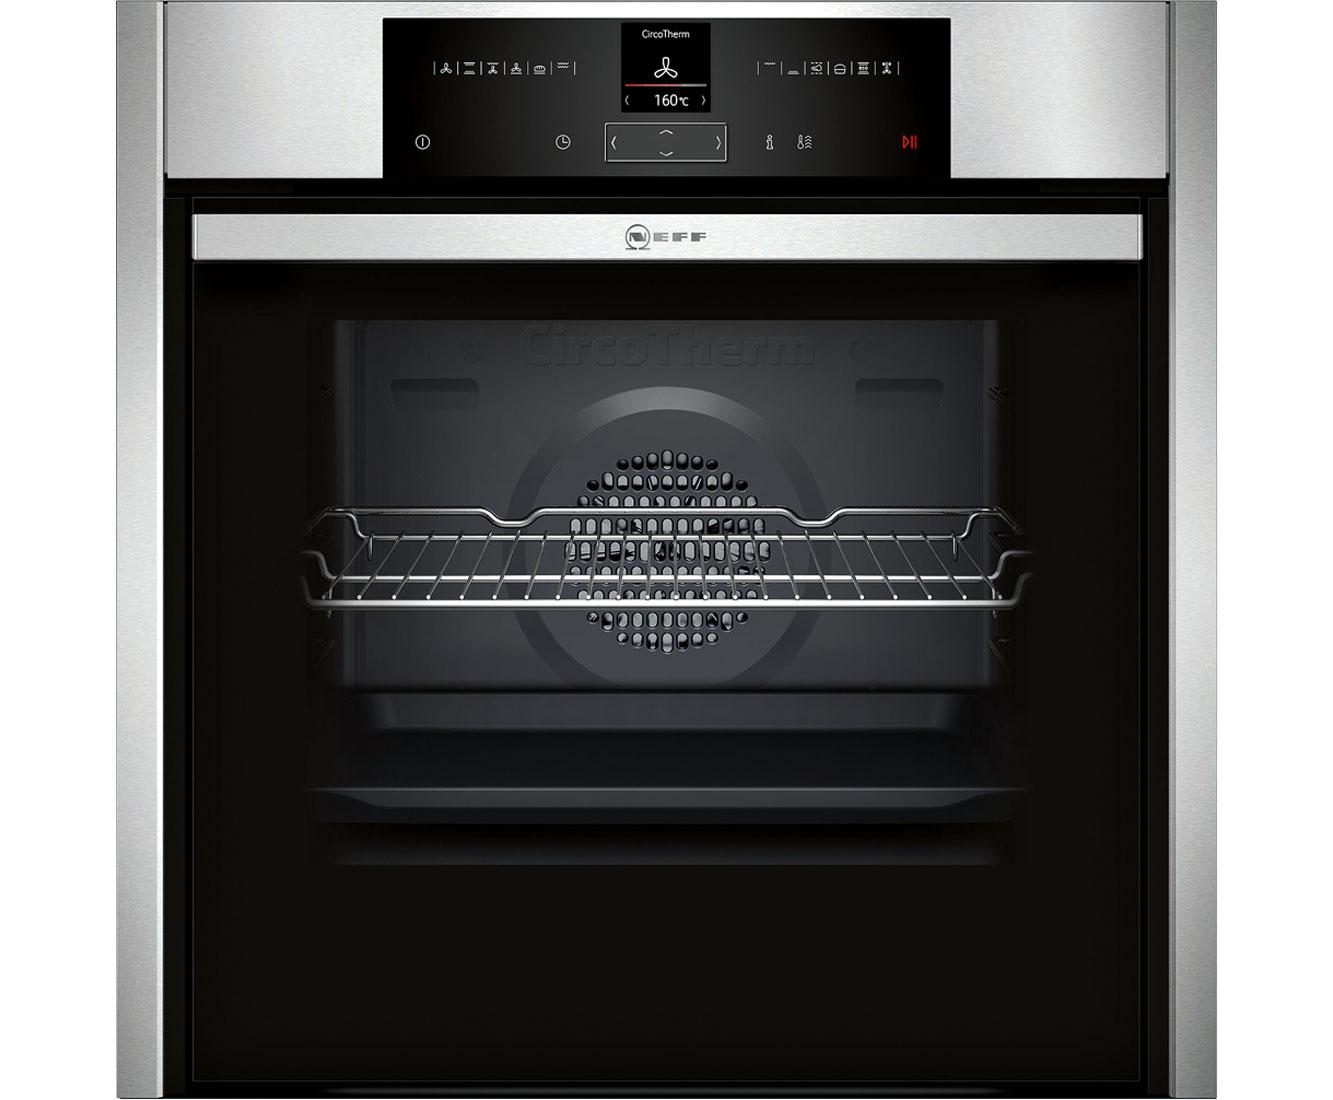 Aeg Kühlschrank Innenbeleuchtung Blinkt : Miele gefrierschrank blinkt u om husholdningsapparater